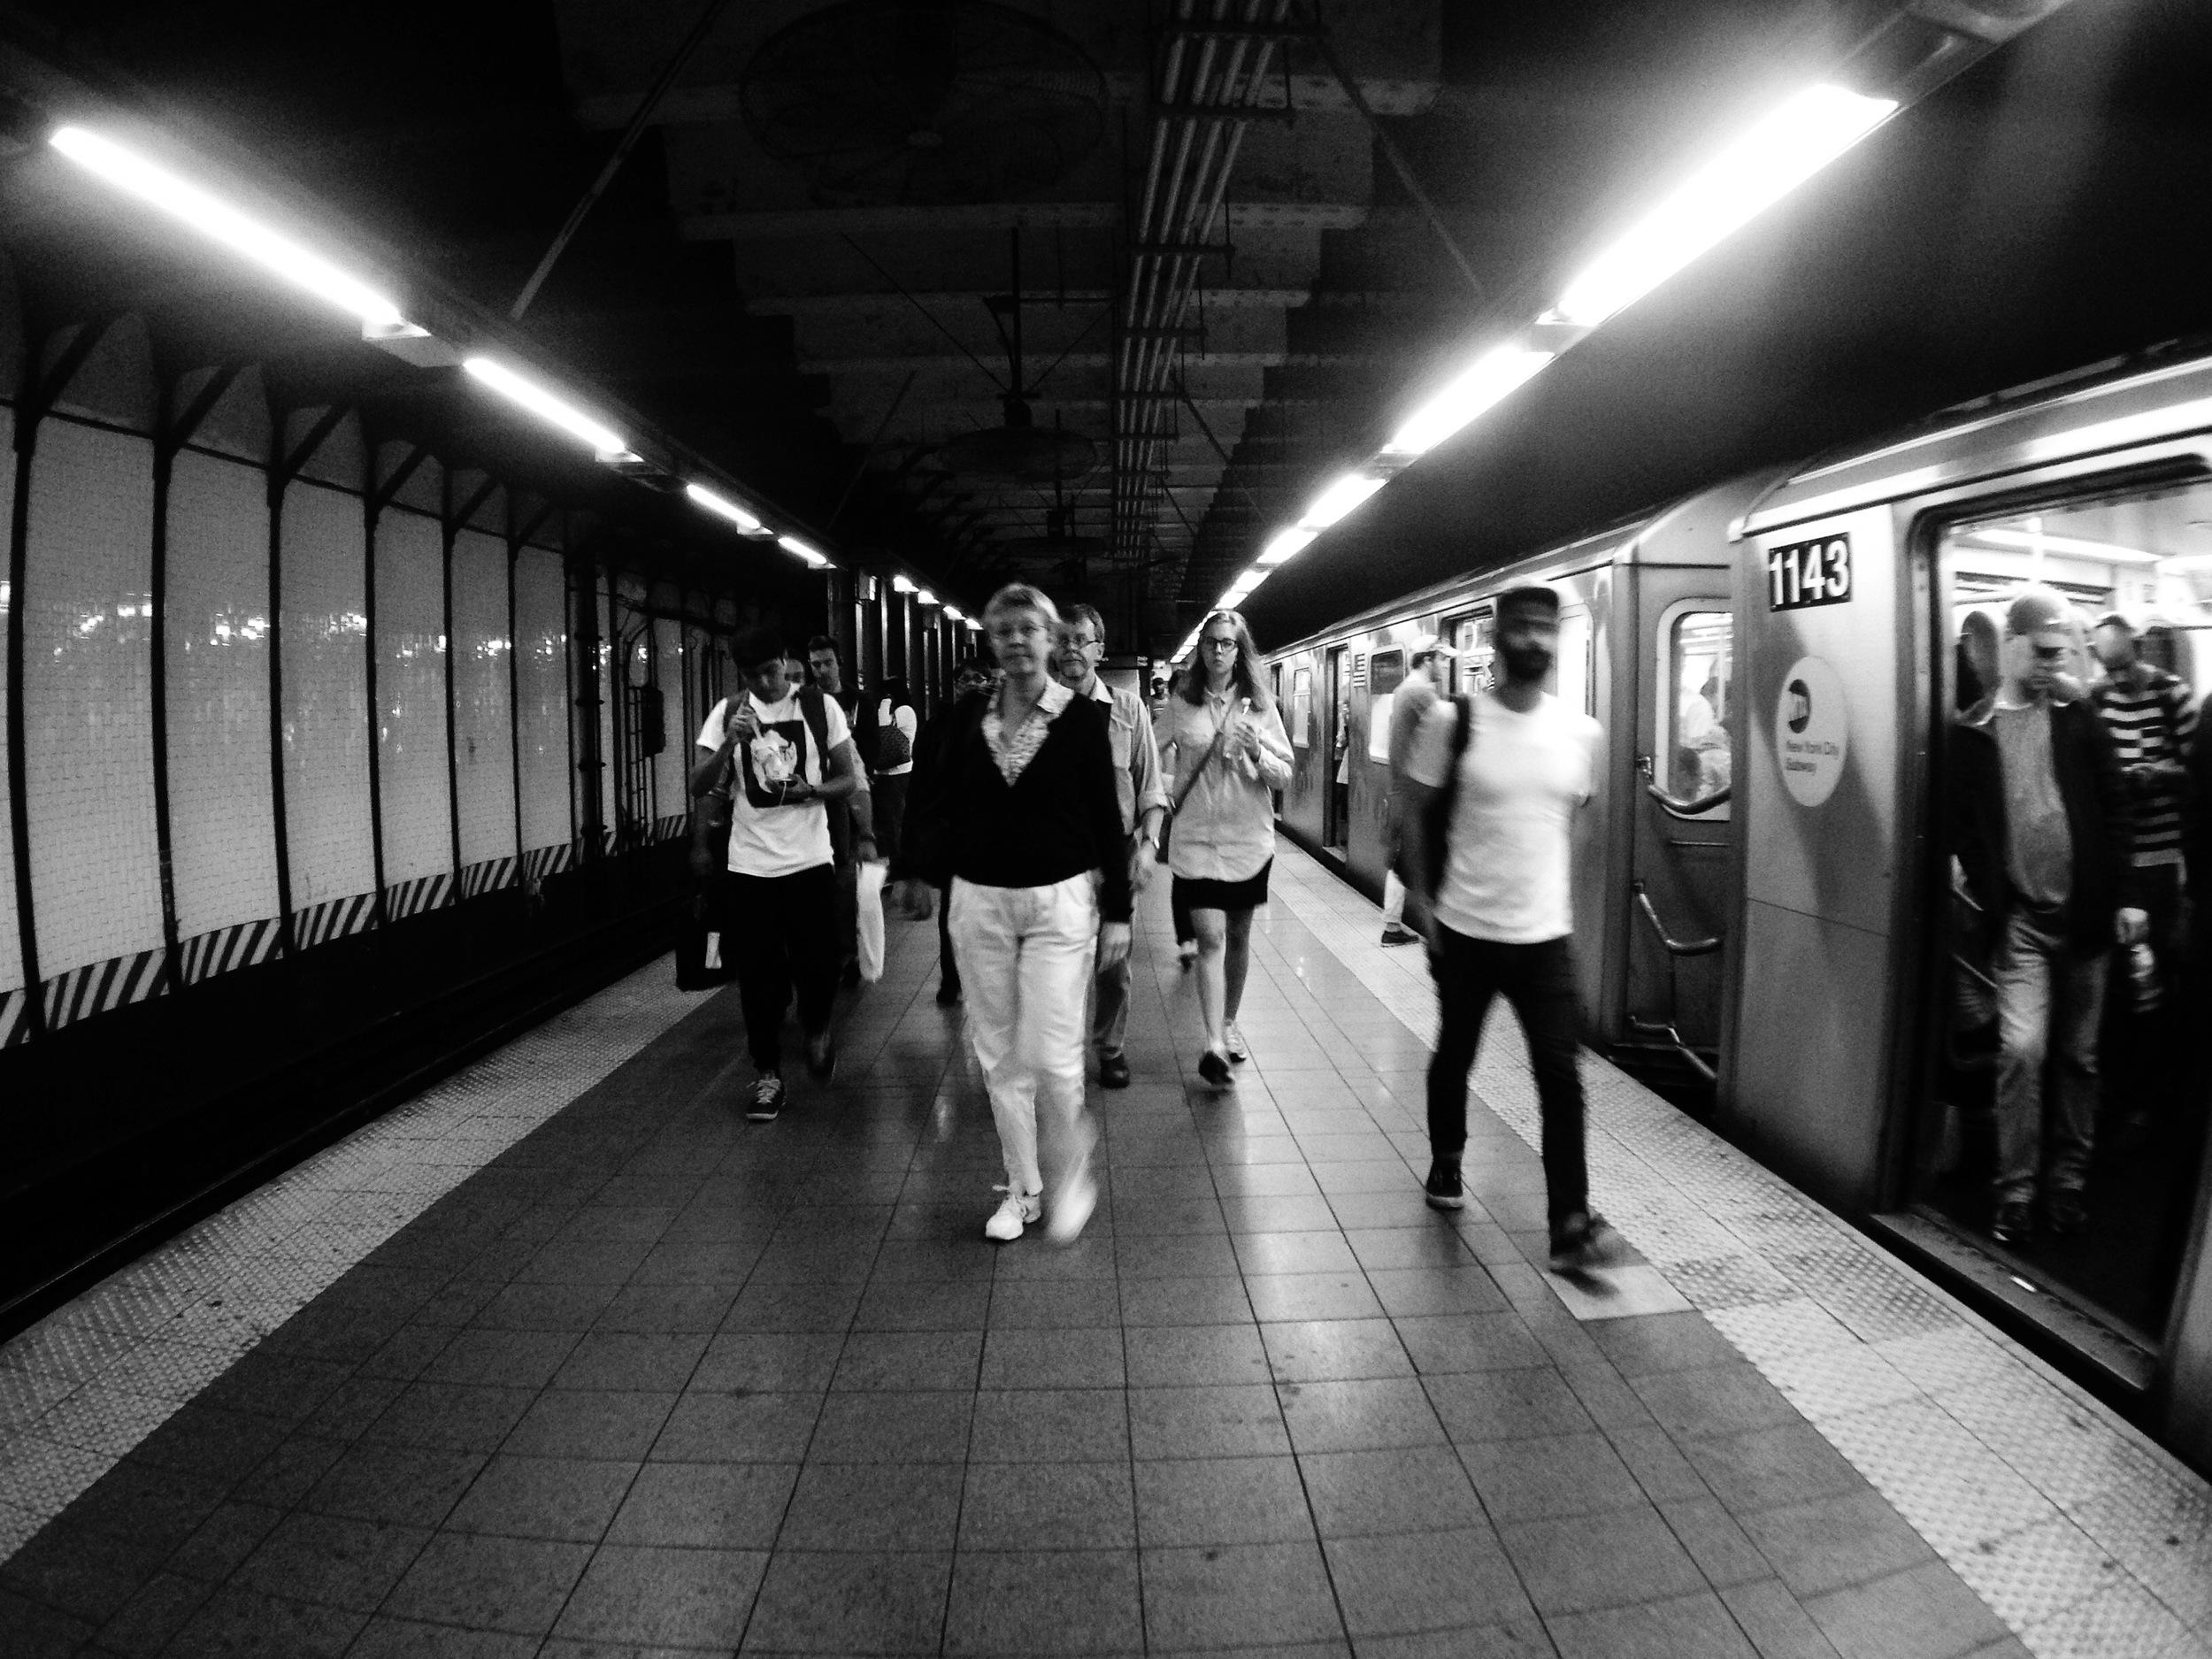 Subway, SoHo